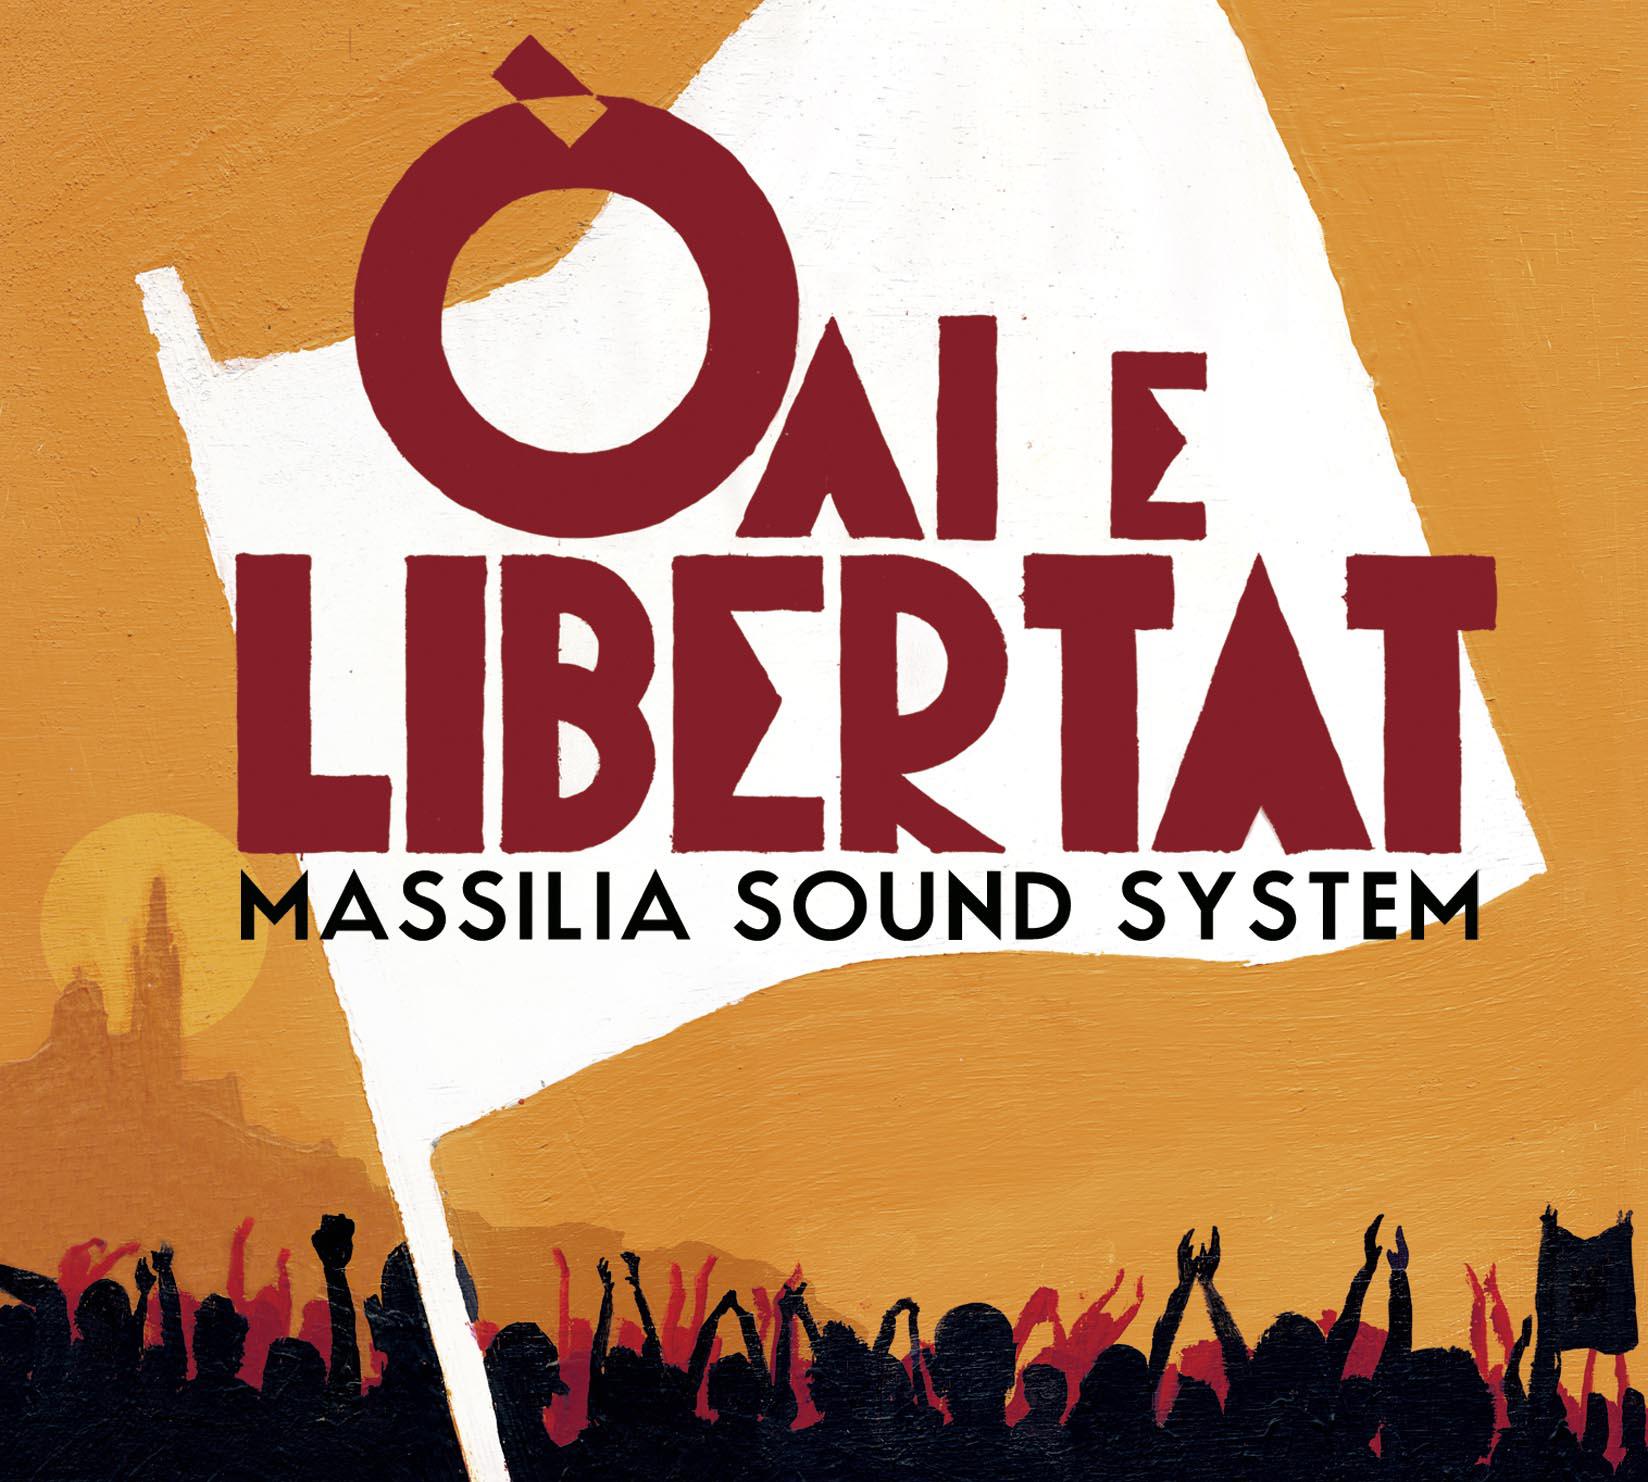 Massilia Sound System: Òai (E Live) E Libertat